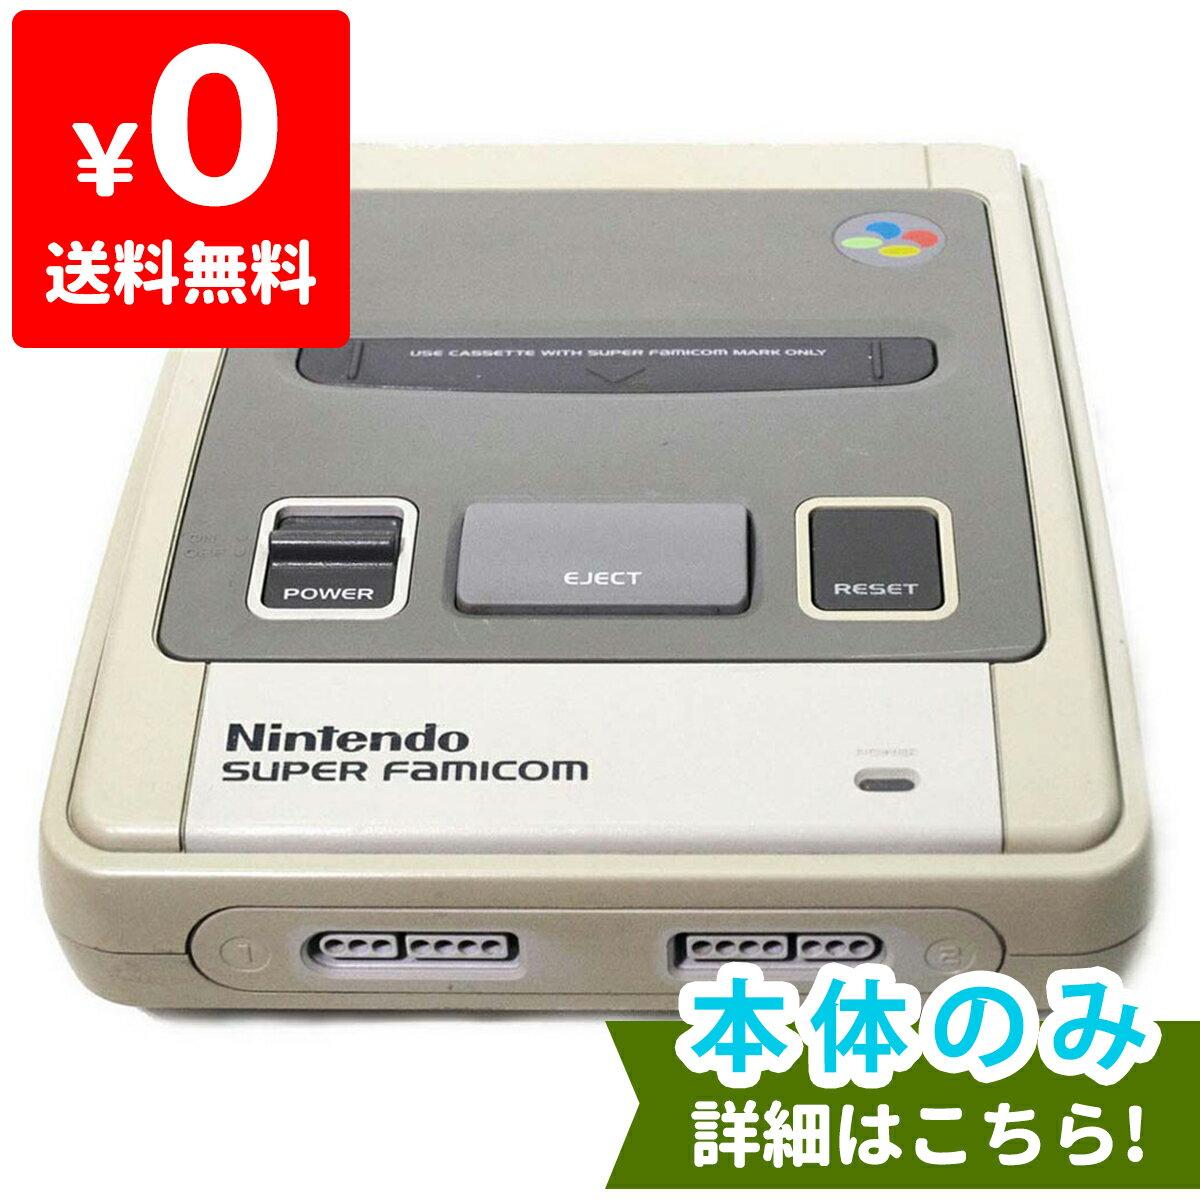 スーパーファミコン スーファミ SFC 本体のみ ニンテンドー 任天堂 Nintendo 中古 4902370501148 送料無料